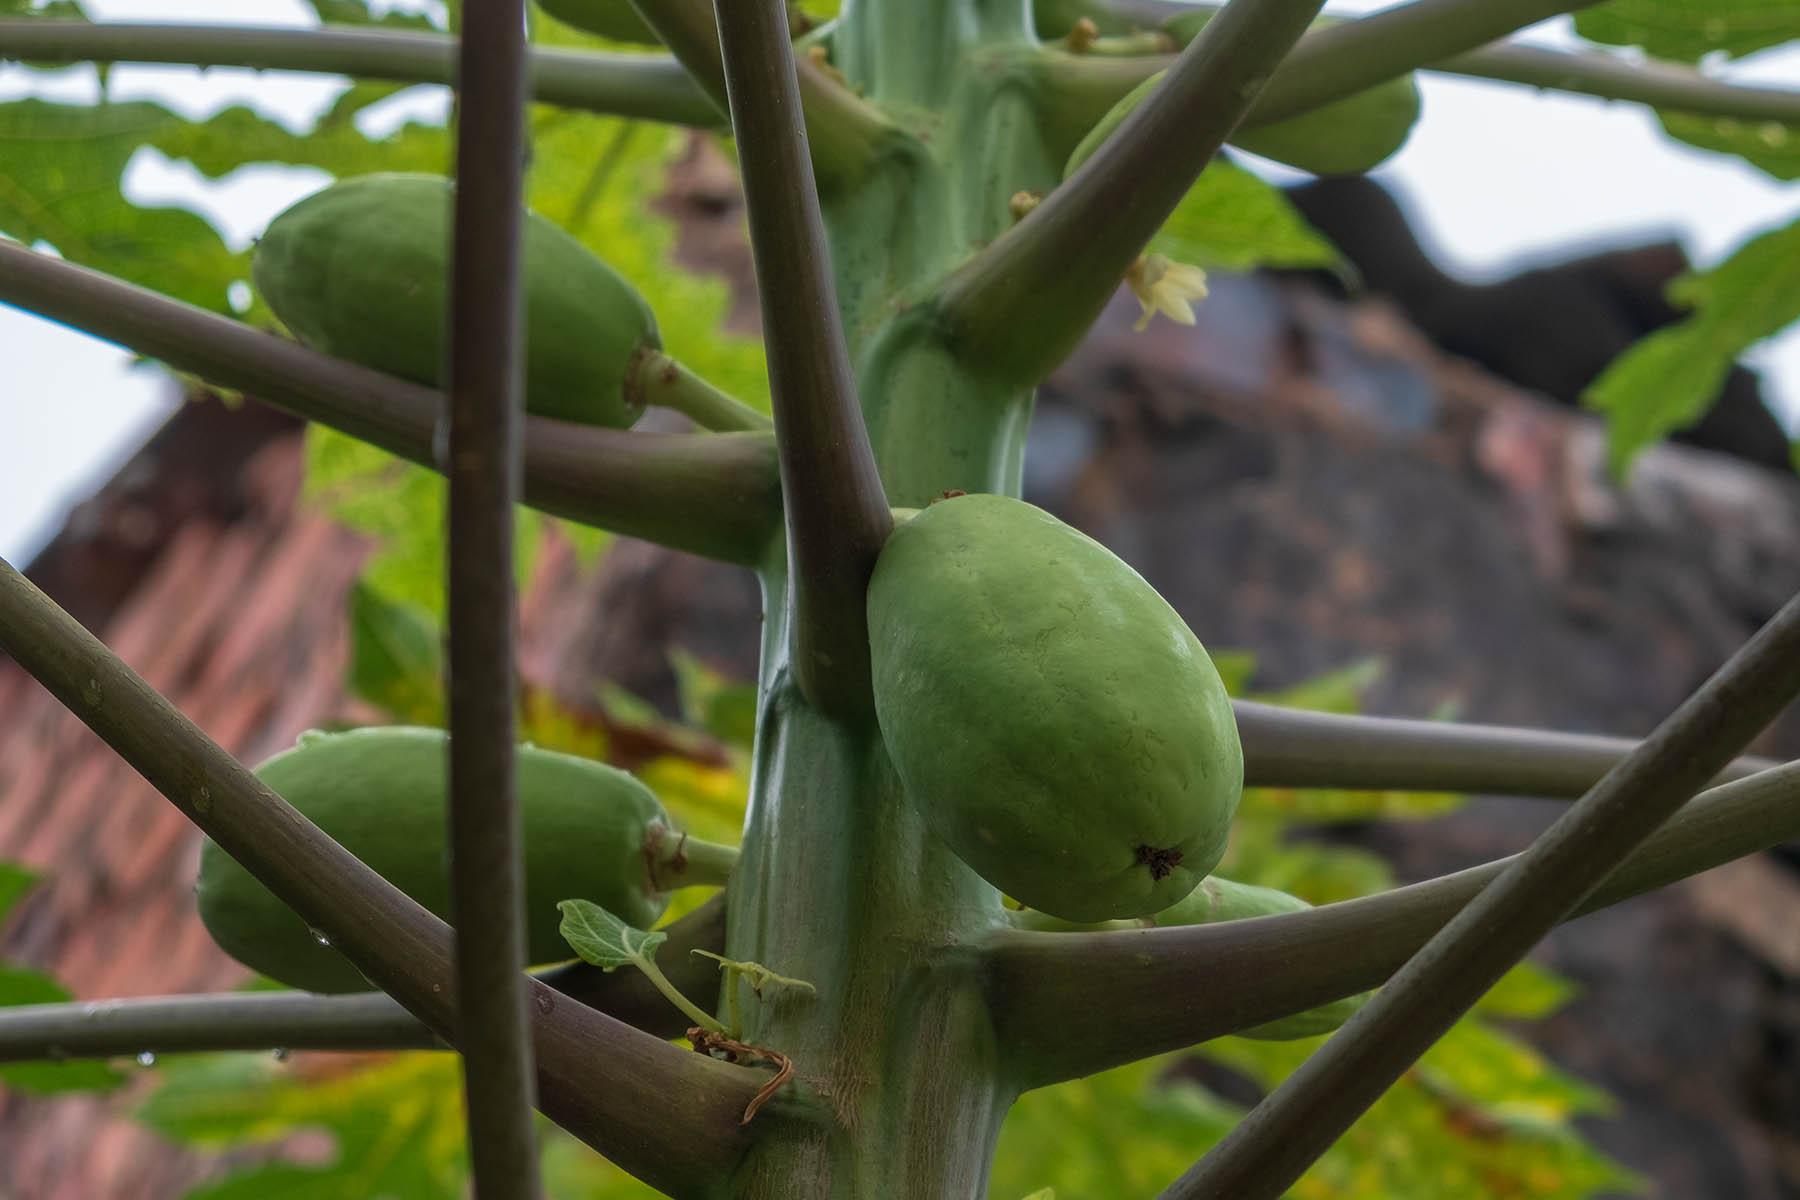 Papaya Baum in Zhangjiao in der Provinz Fujian, China